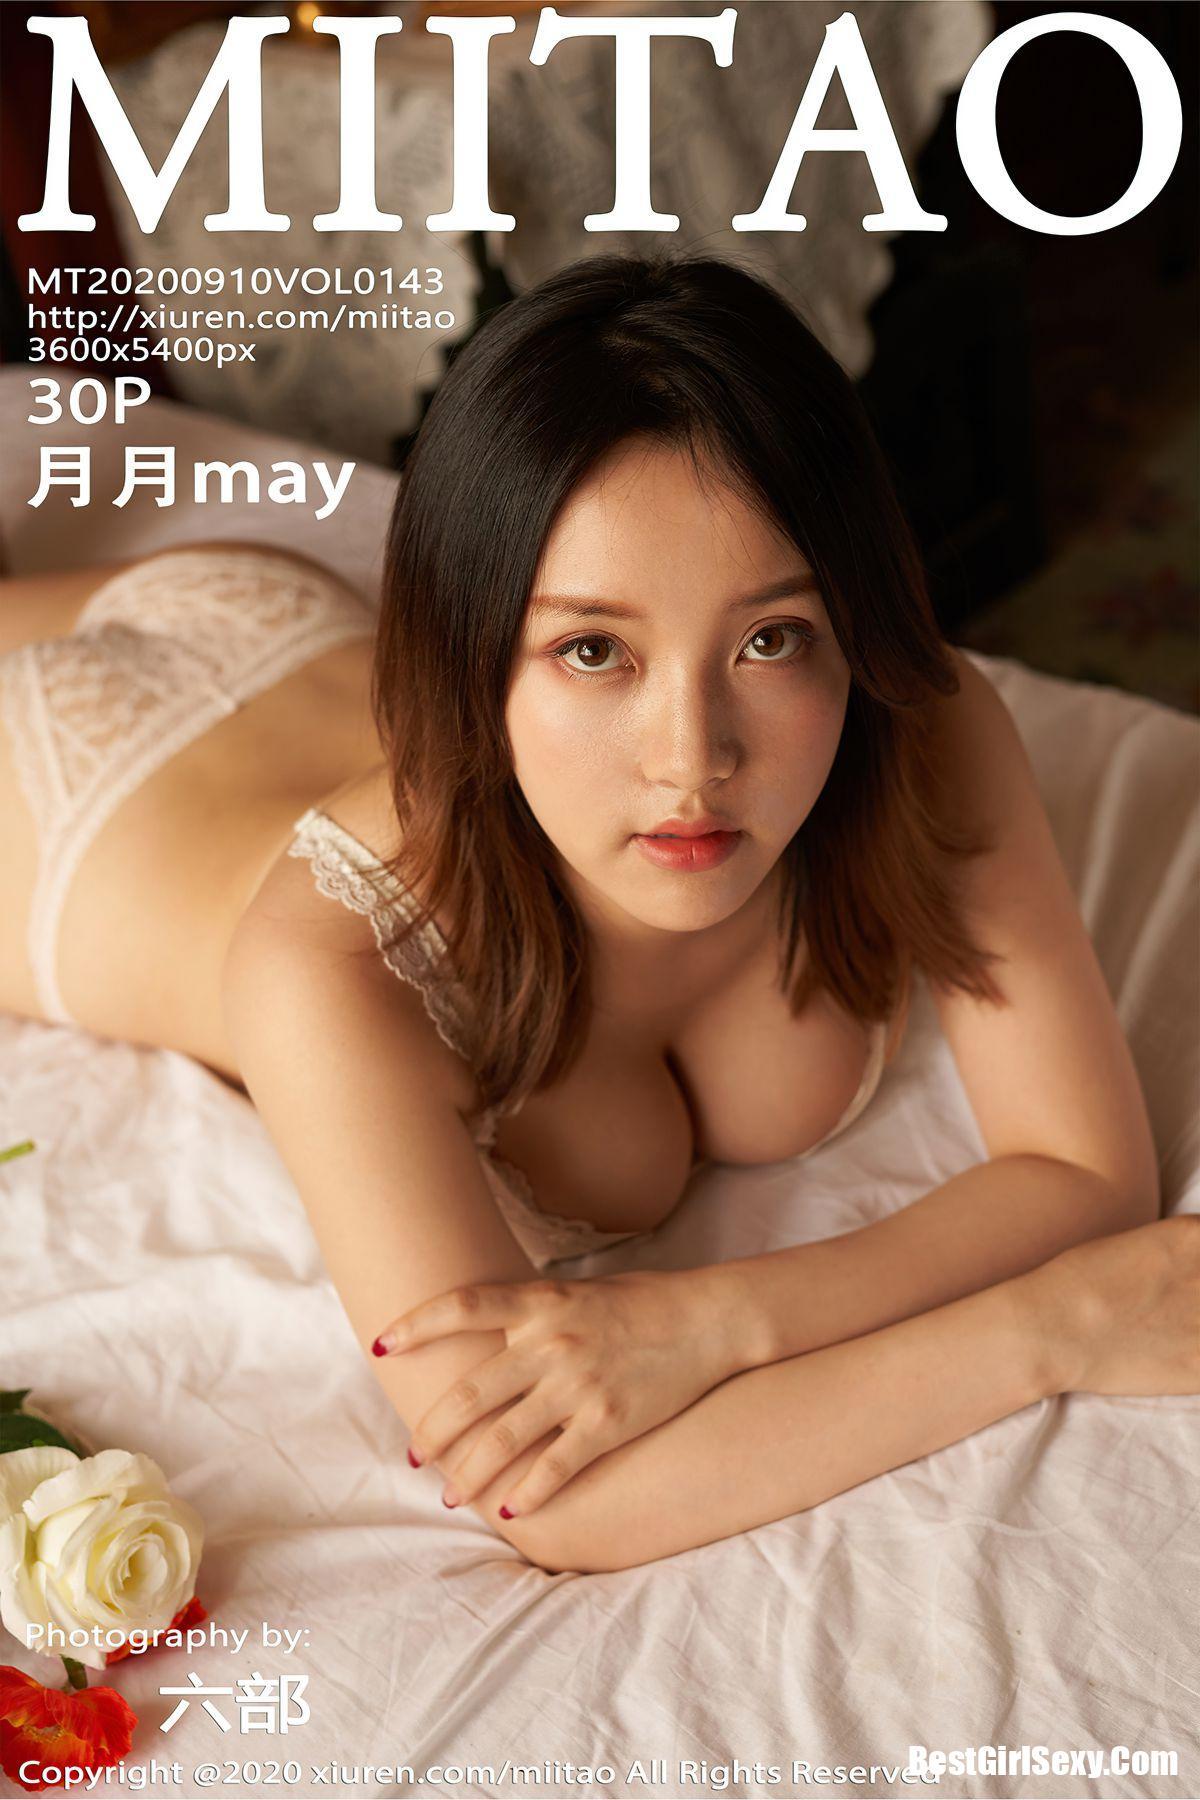 MiiTao Vol.143 Yue Yue May